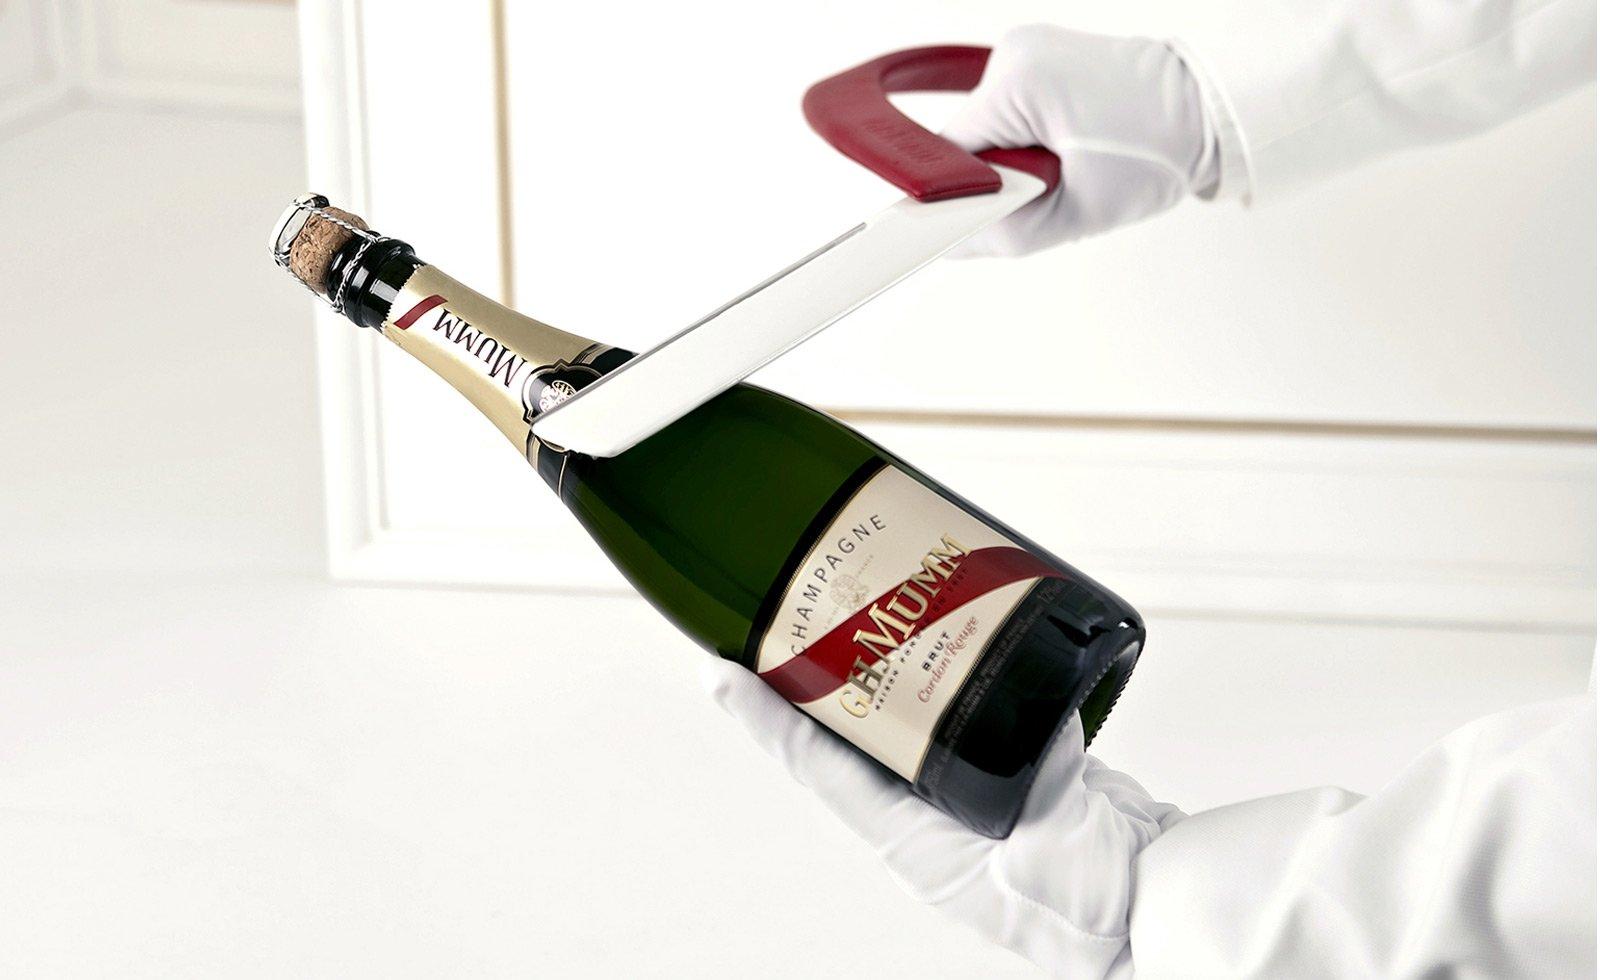 Суёт бутылку от шампанского, Села на бутылку -видео. Смотреть Села на бутылку 18 фотография